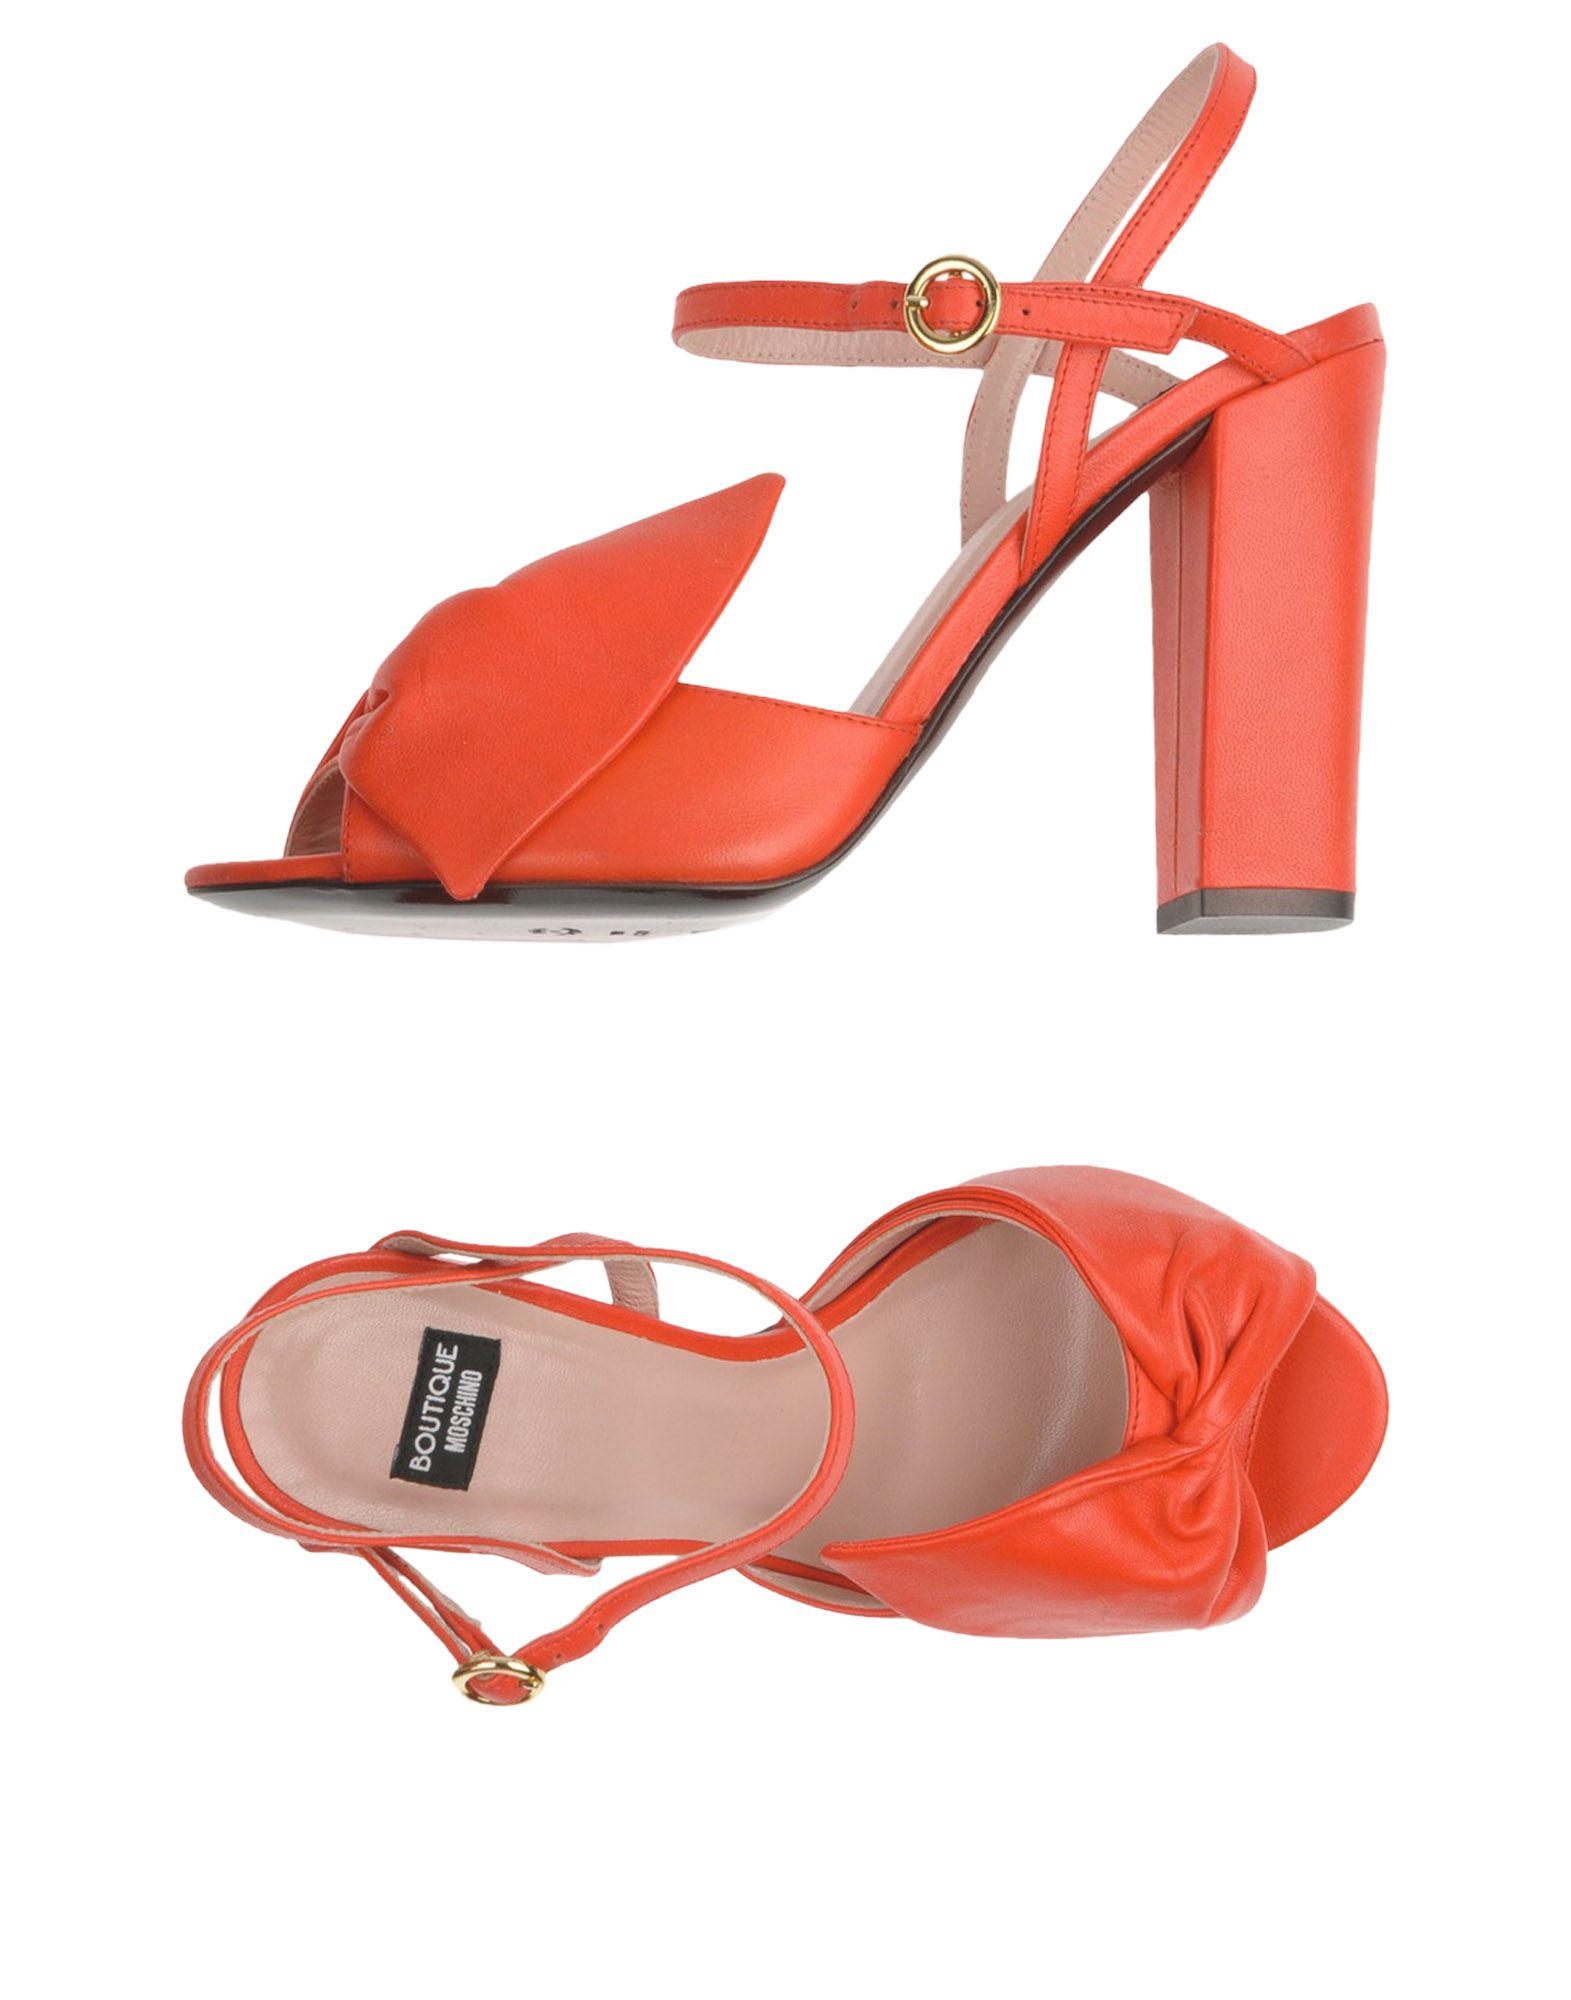 Boutique Moschino Sandalen Damen  11284508WG Gute Qualität Qualität Gute beliebte Schuhe 576134